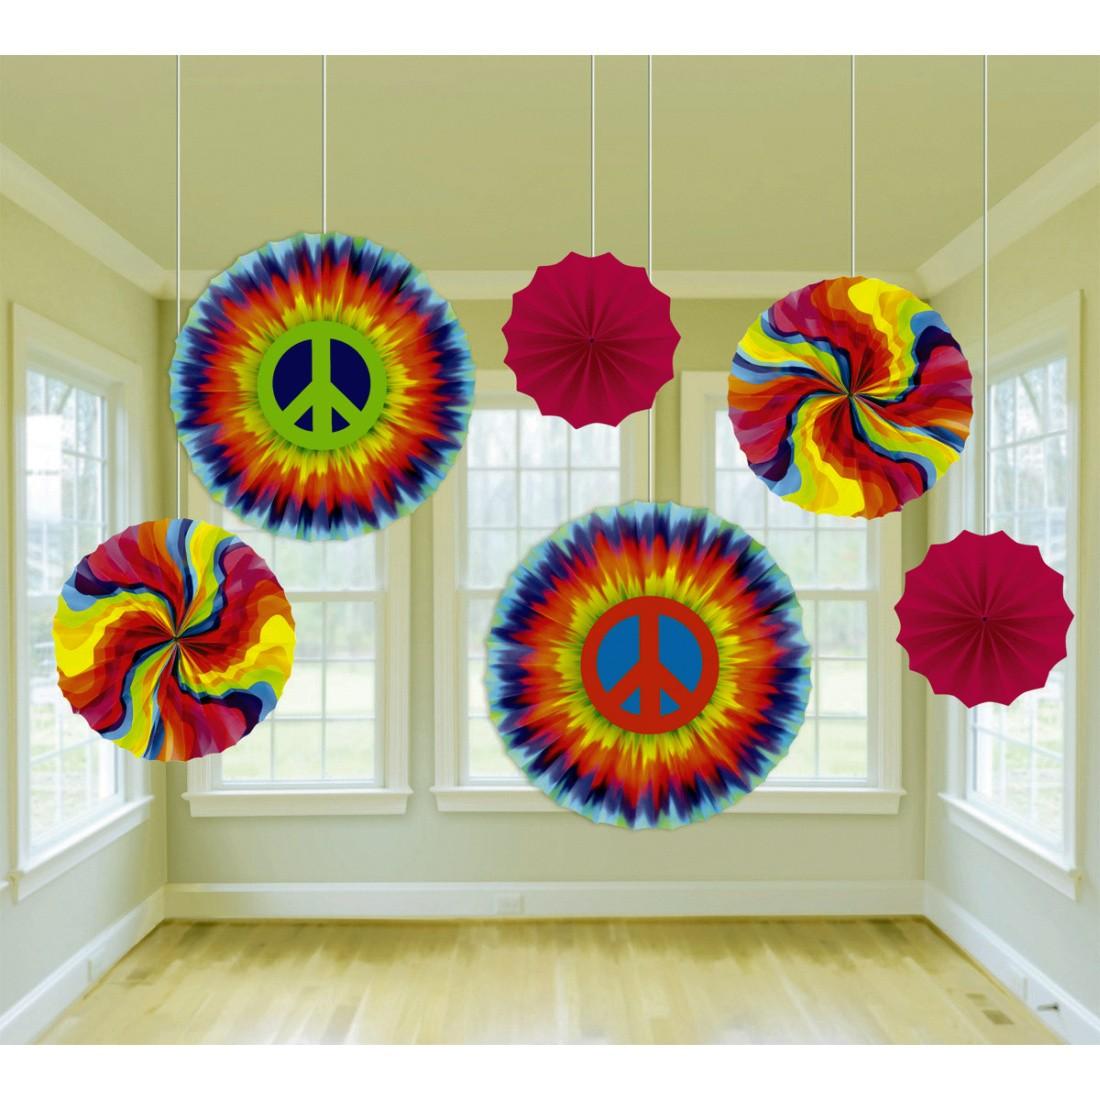 70er jahre deko f cher hippie party h ngedeko 6 tlg 11 99. Black Bedroom Furniture Sets. Home Design Ideas